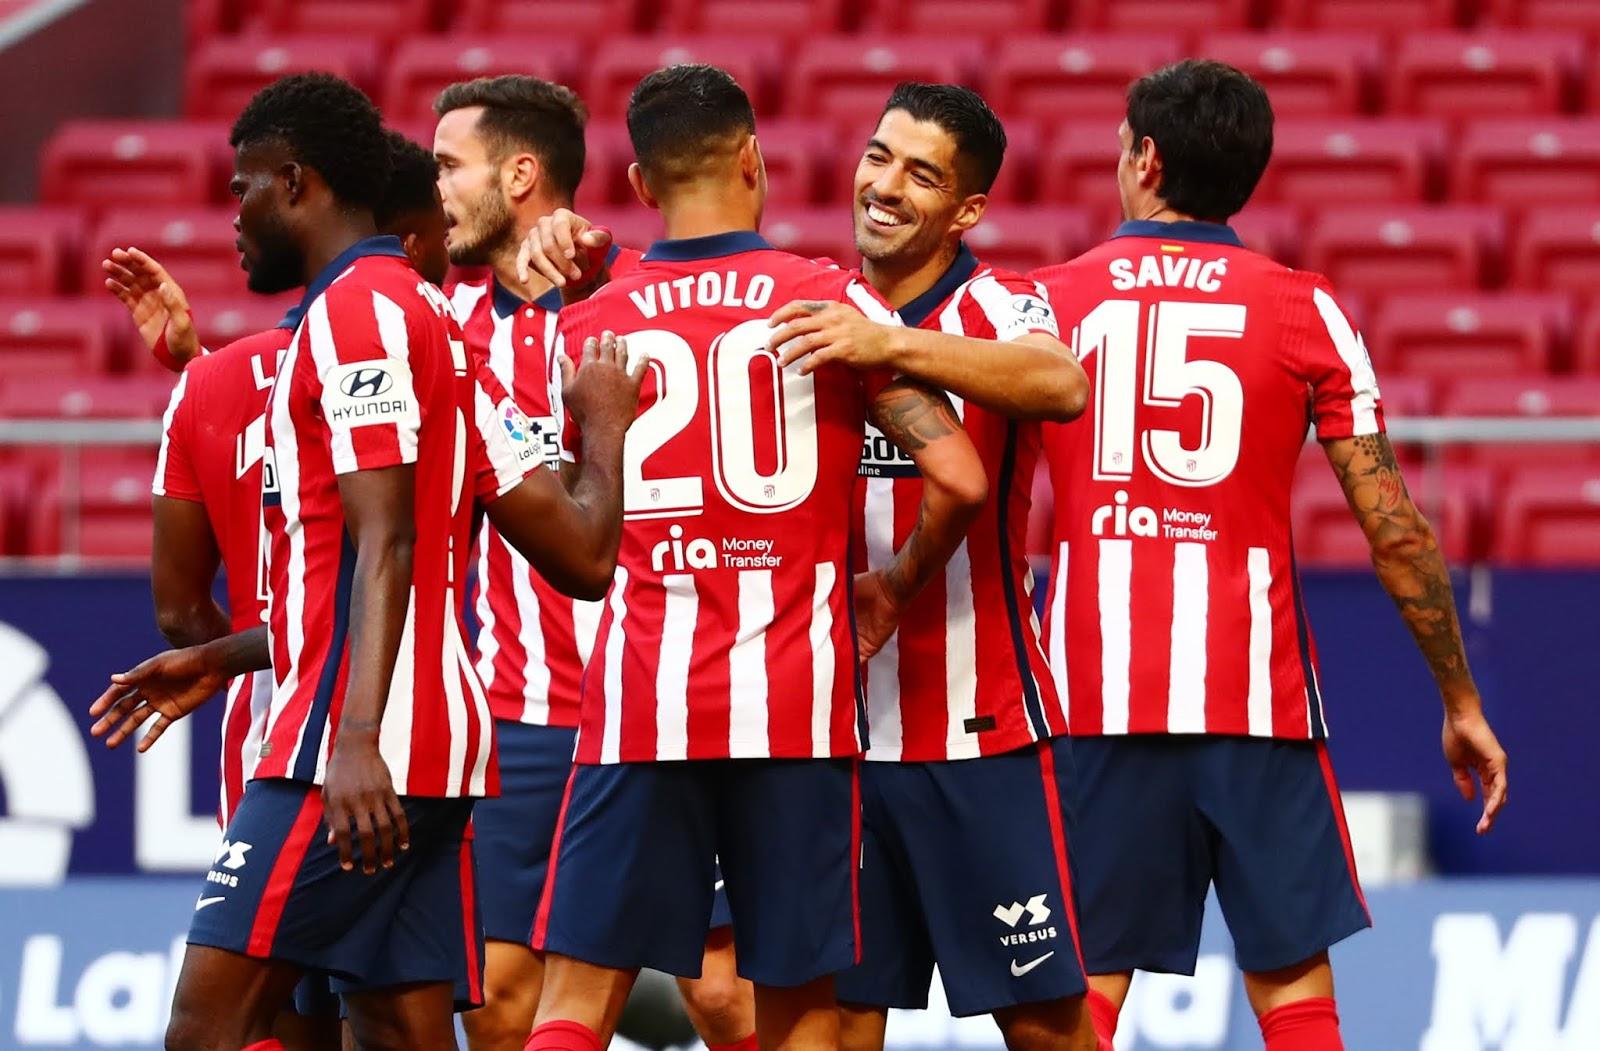 Luis Suarez en el Atlético de Madrid